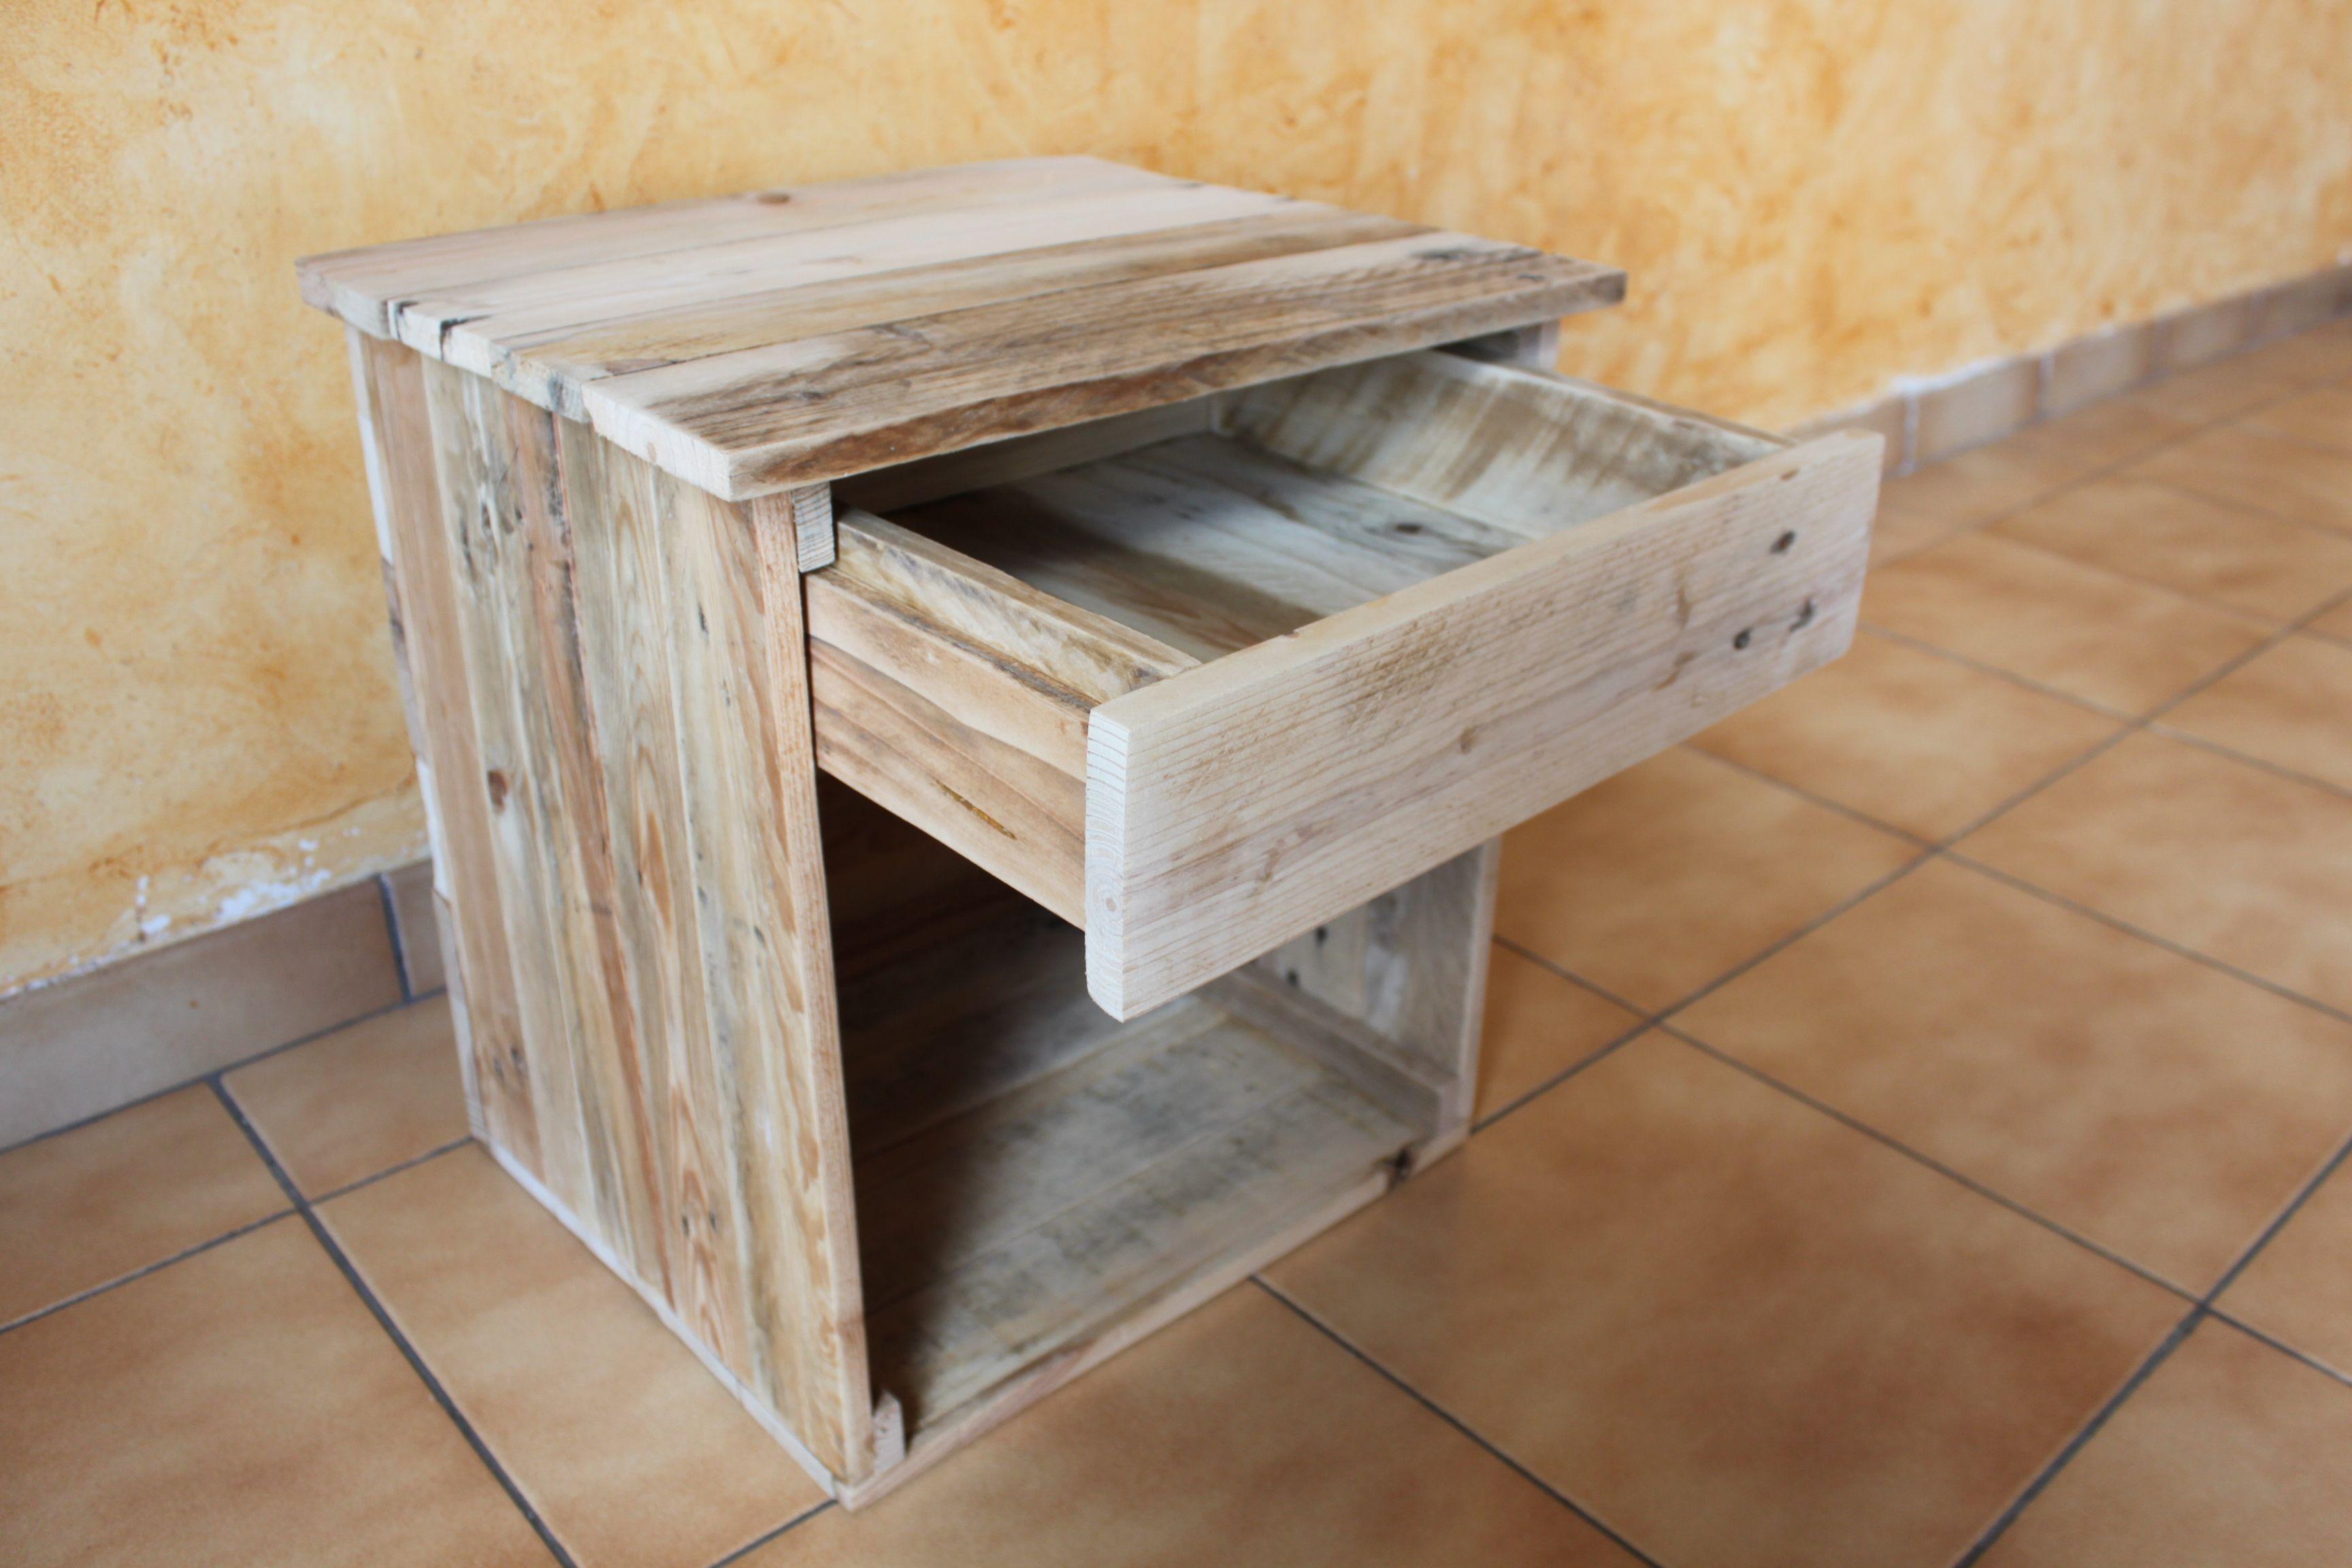 Table de chevet en bois de palettes et colle bois c 39 est tout tables pinterest tables - Table de chevet en palette ...